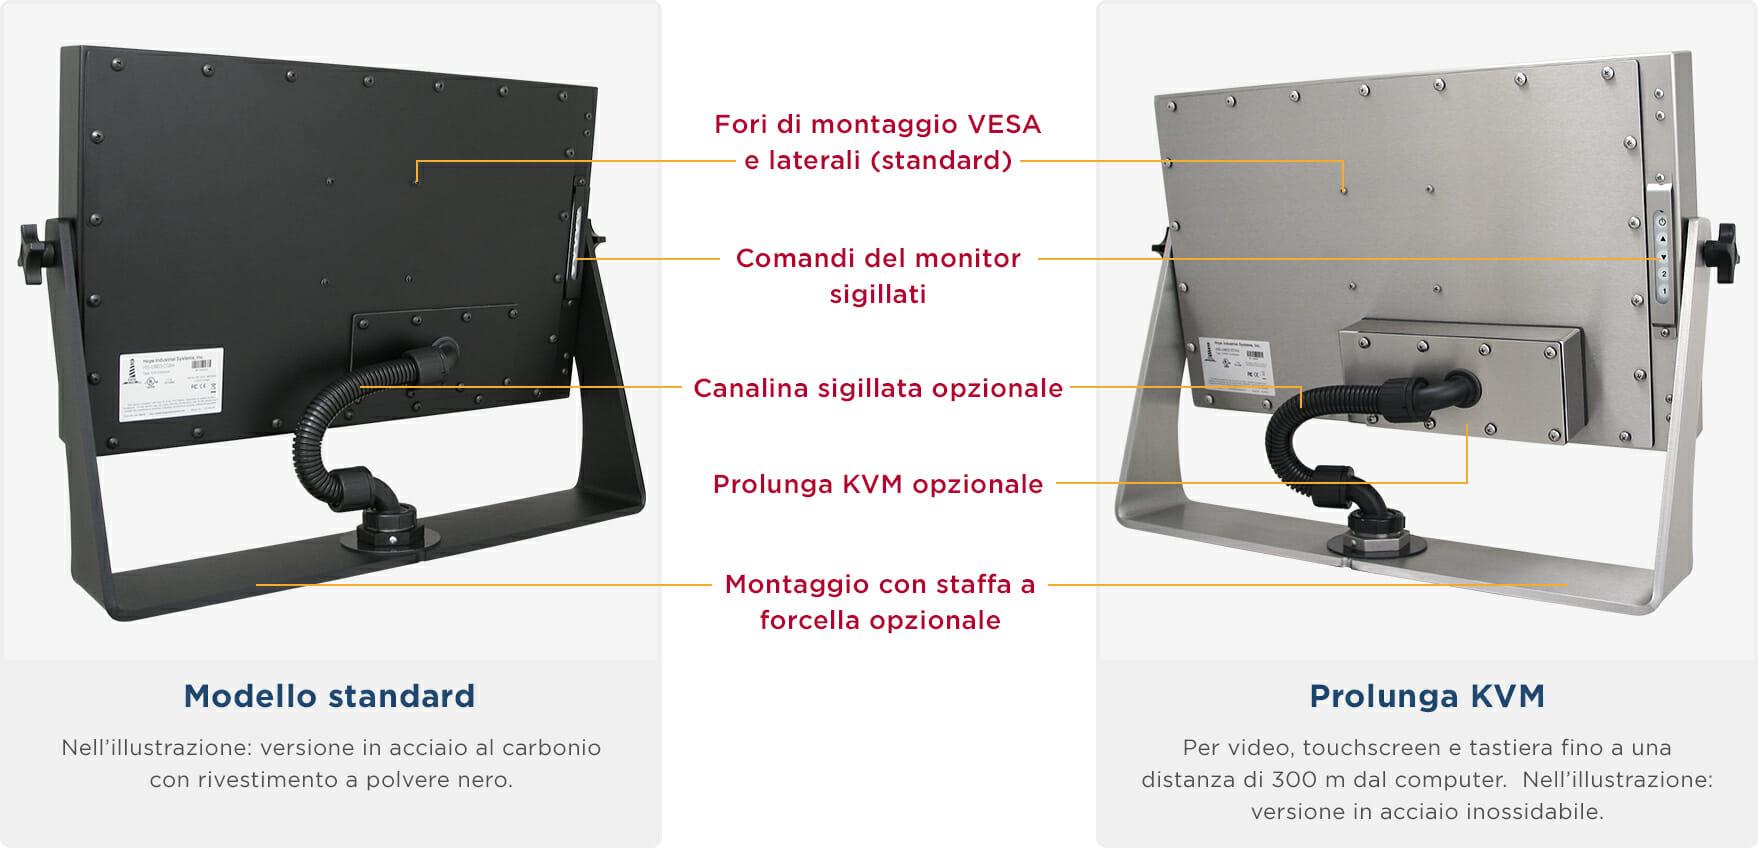 Vedute posteriori di monitor da 23'' con grado di protezione IP65/IP66 per montaggio universale che mostrano le caratteristiche e le opzioni degli enclosure industriali